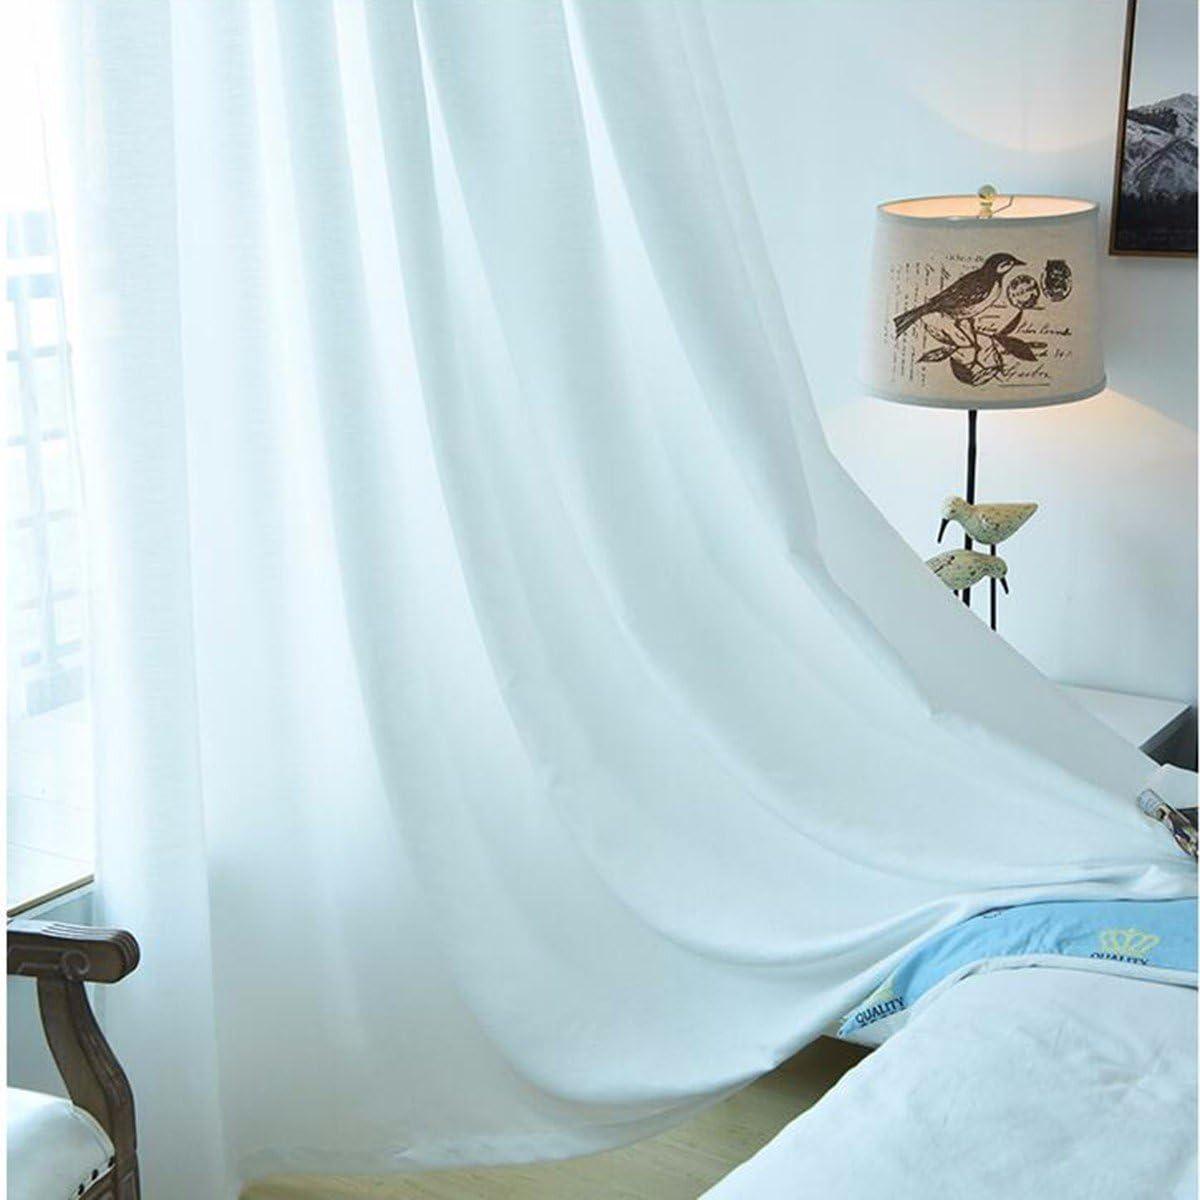 Vorh/änge Wohnzimmer Wei/ßen Vorhang Balkon Vorhang Wei/ße Garn Vorhang Schlafzimmer W x H Reine Farbdisplay Fenster,A,150 x 270 cm x 2 Opak